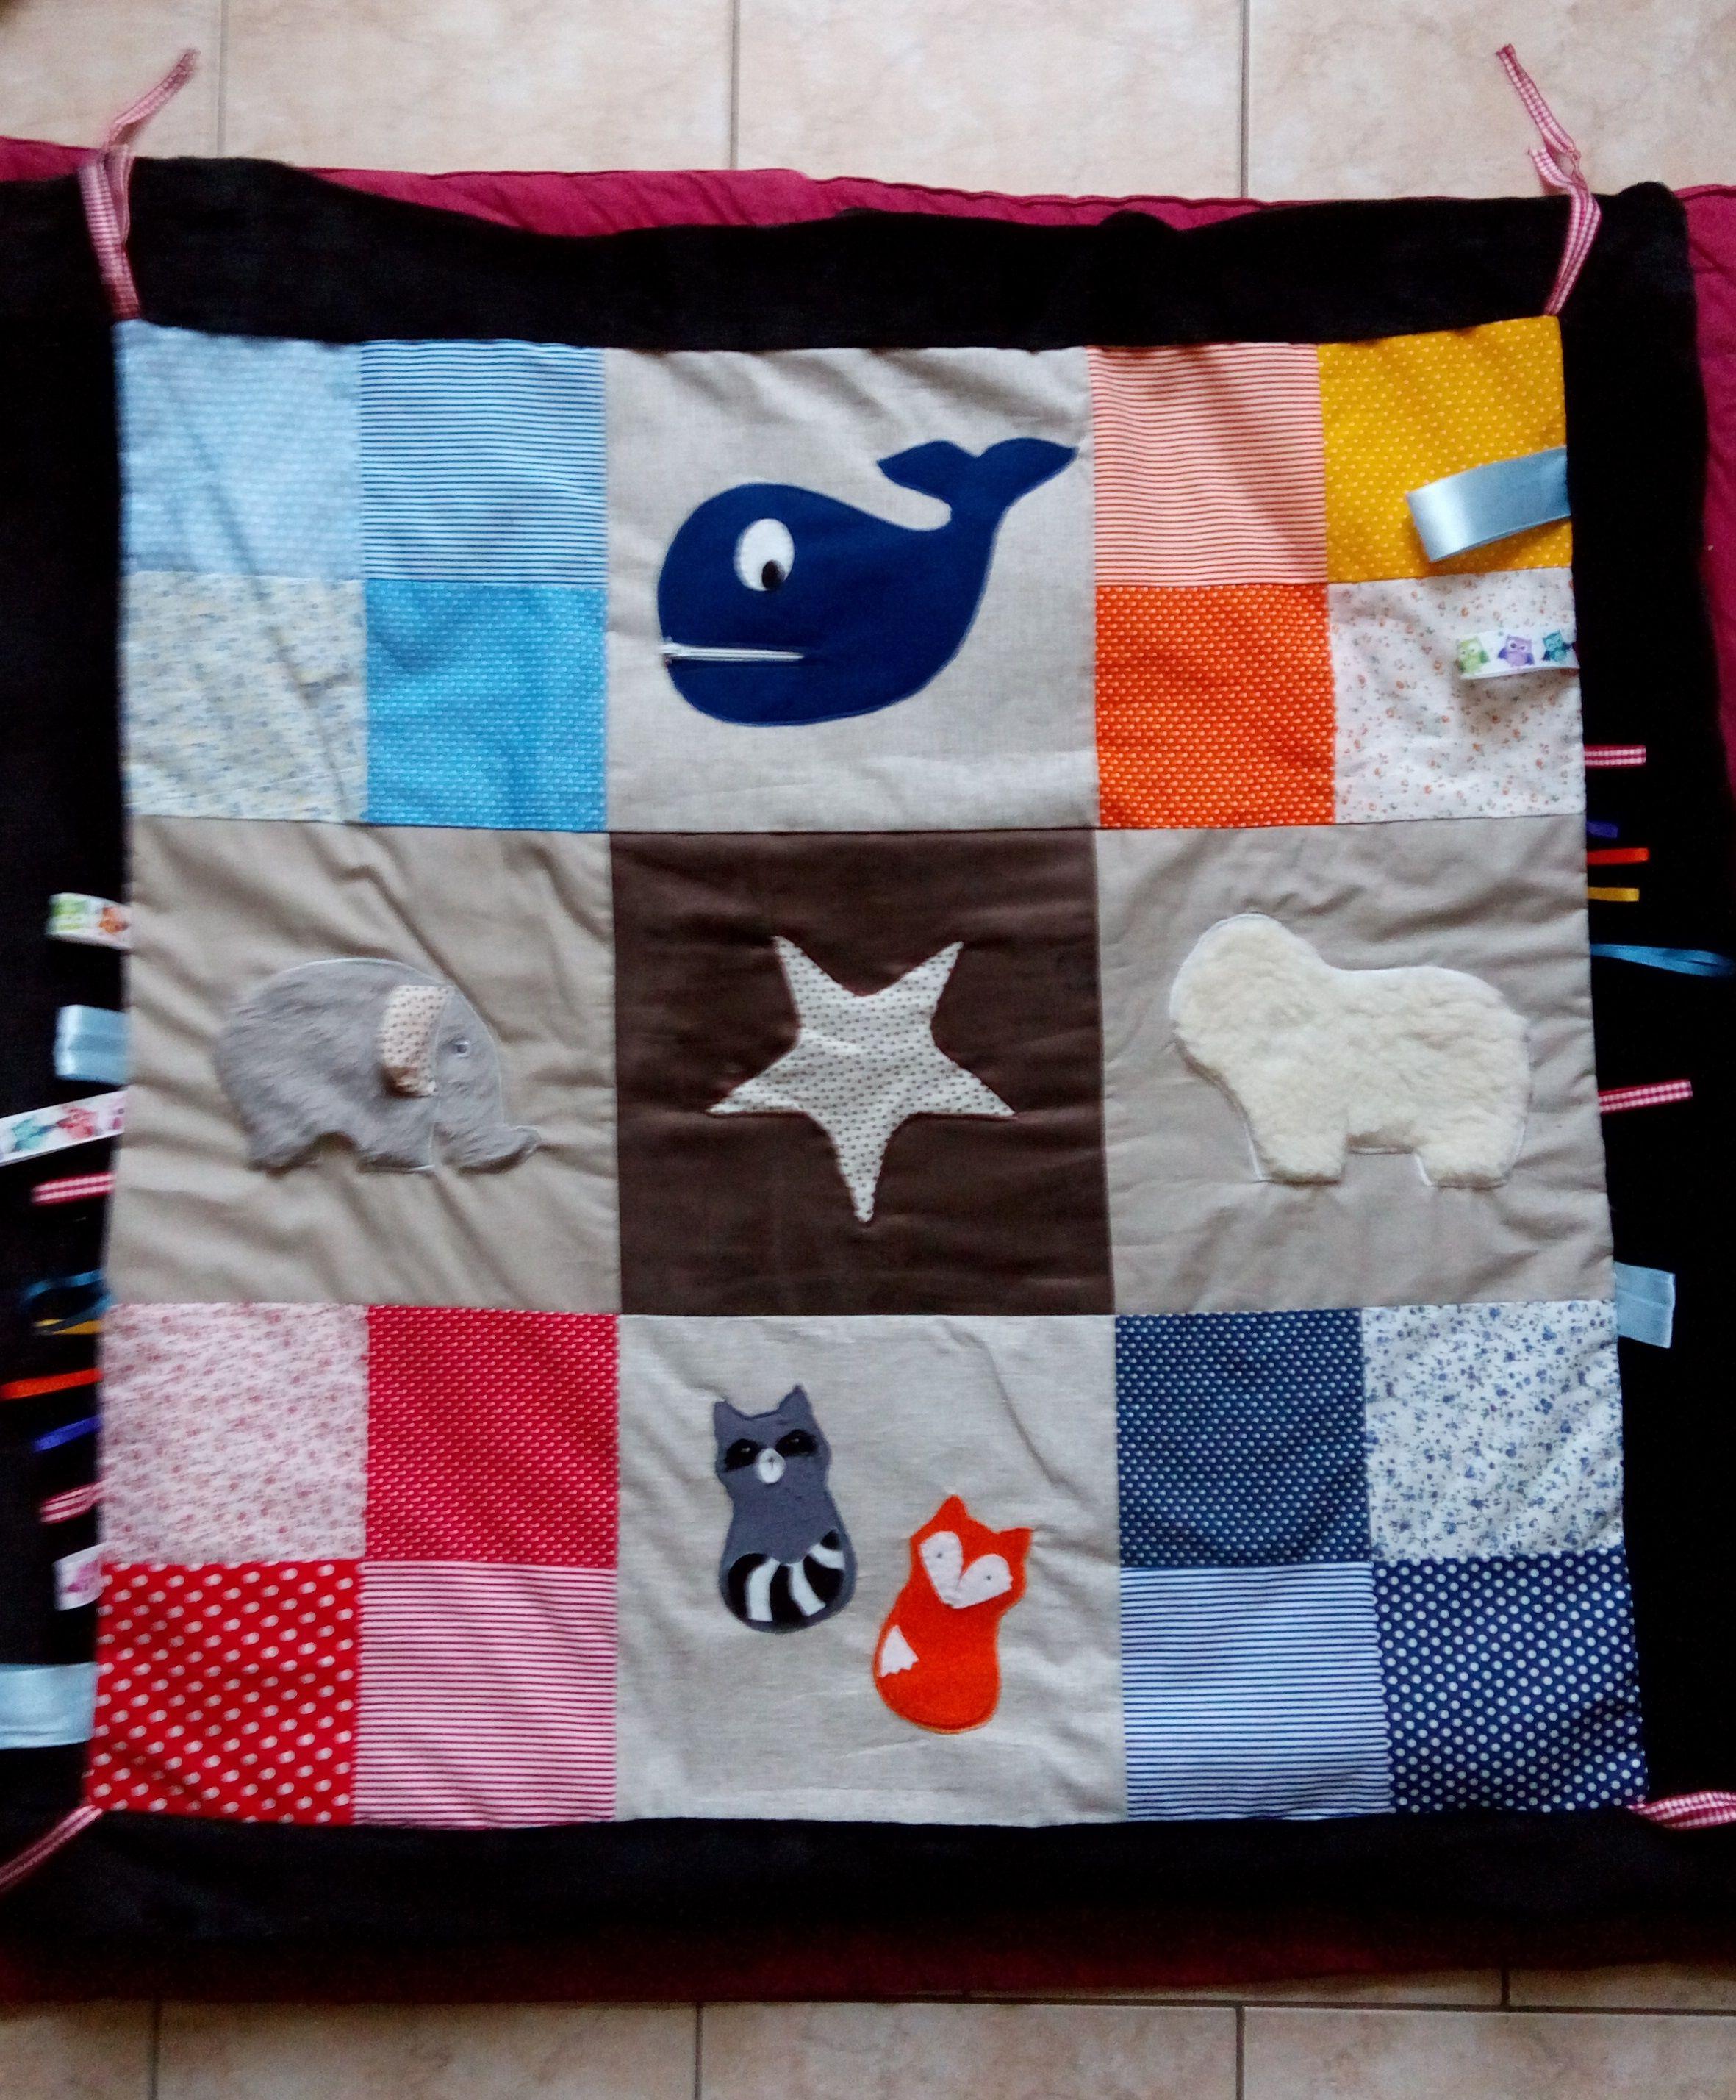 Tuto Tapis D Éveil Nomade tapis d'éveil, stimulation sensorielle, bébé, couture